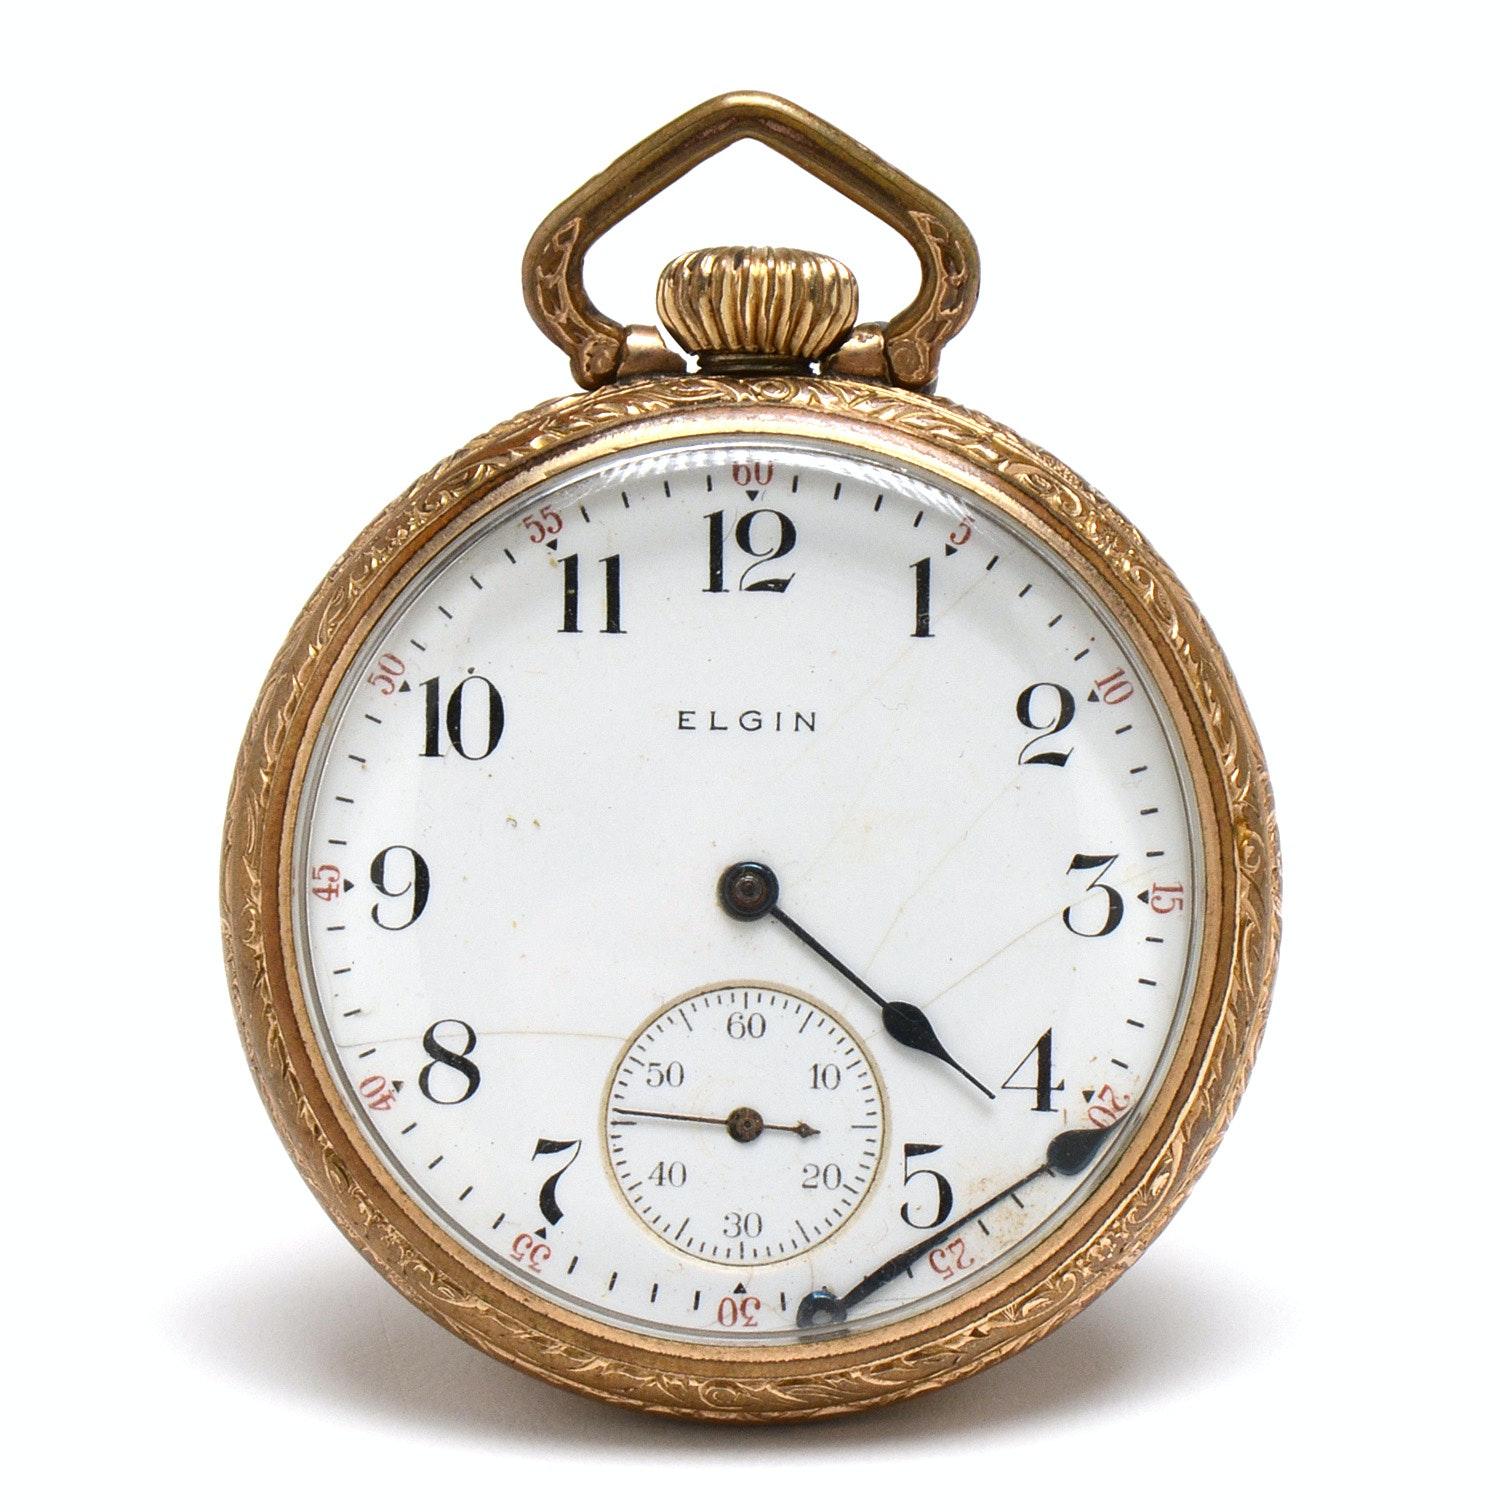 Vintage Elgin Gold-Filled Open Face Pocket Watch